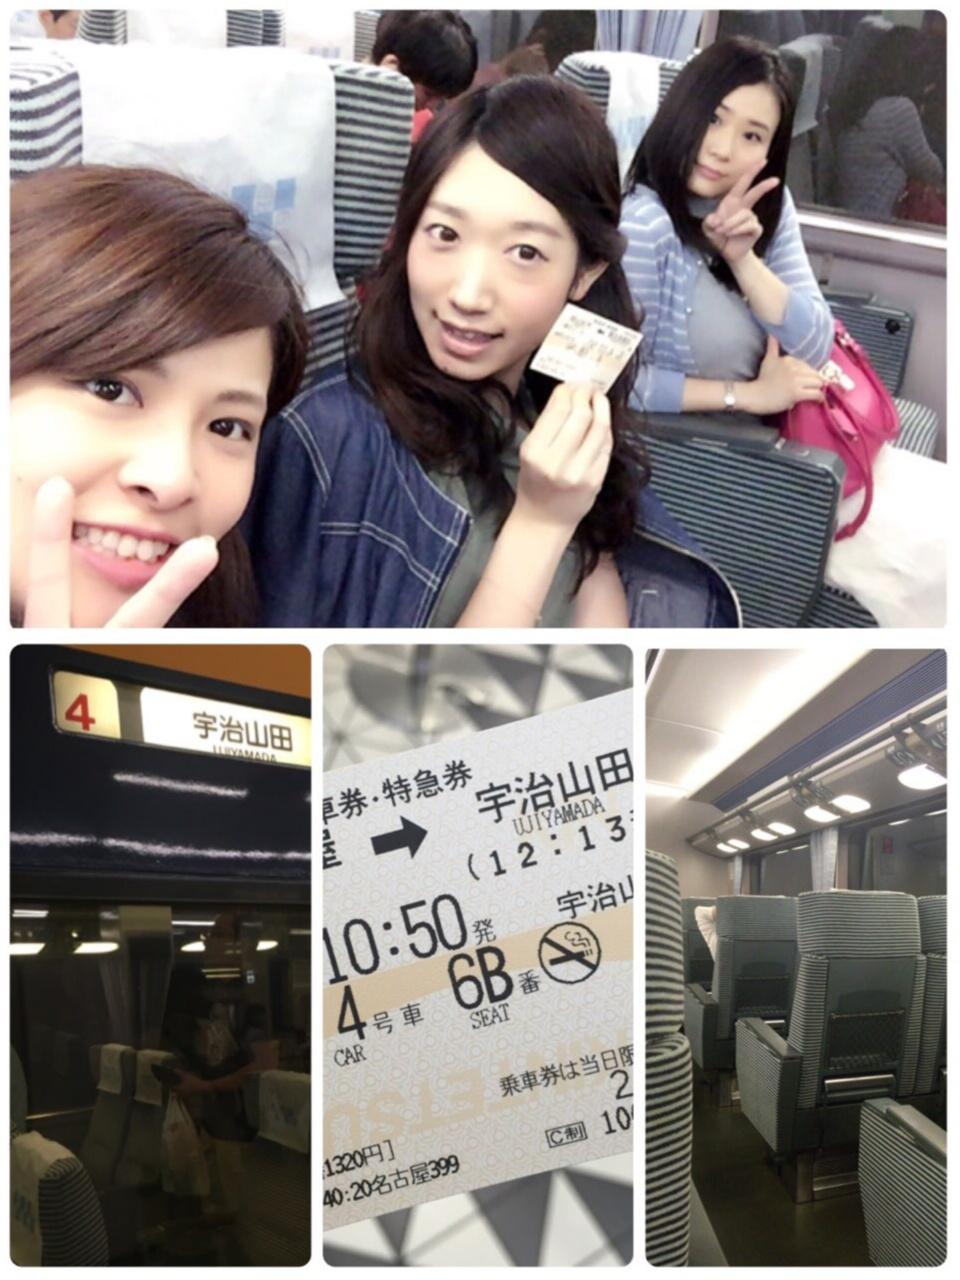 伊勢神宮&名古屋Trip♡伊勢神宮周辺のオススメスポット(๑╹ڡ╹)≪samenyan≫_1